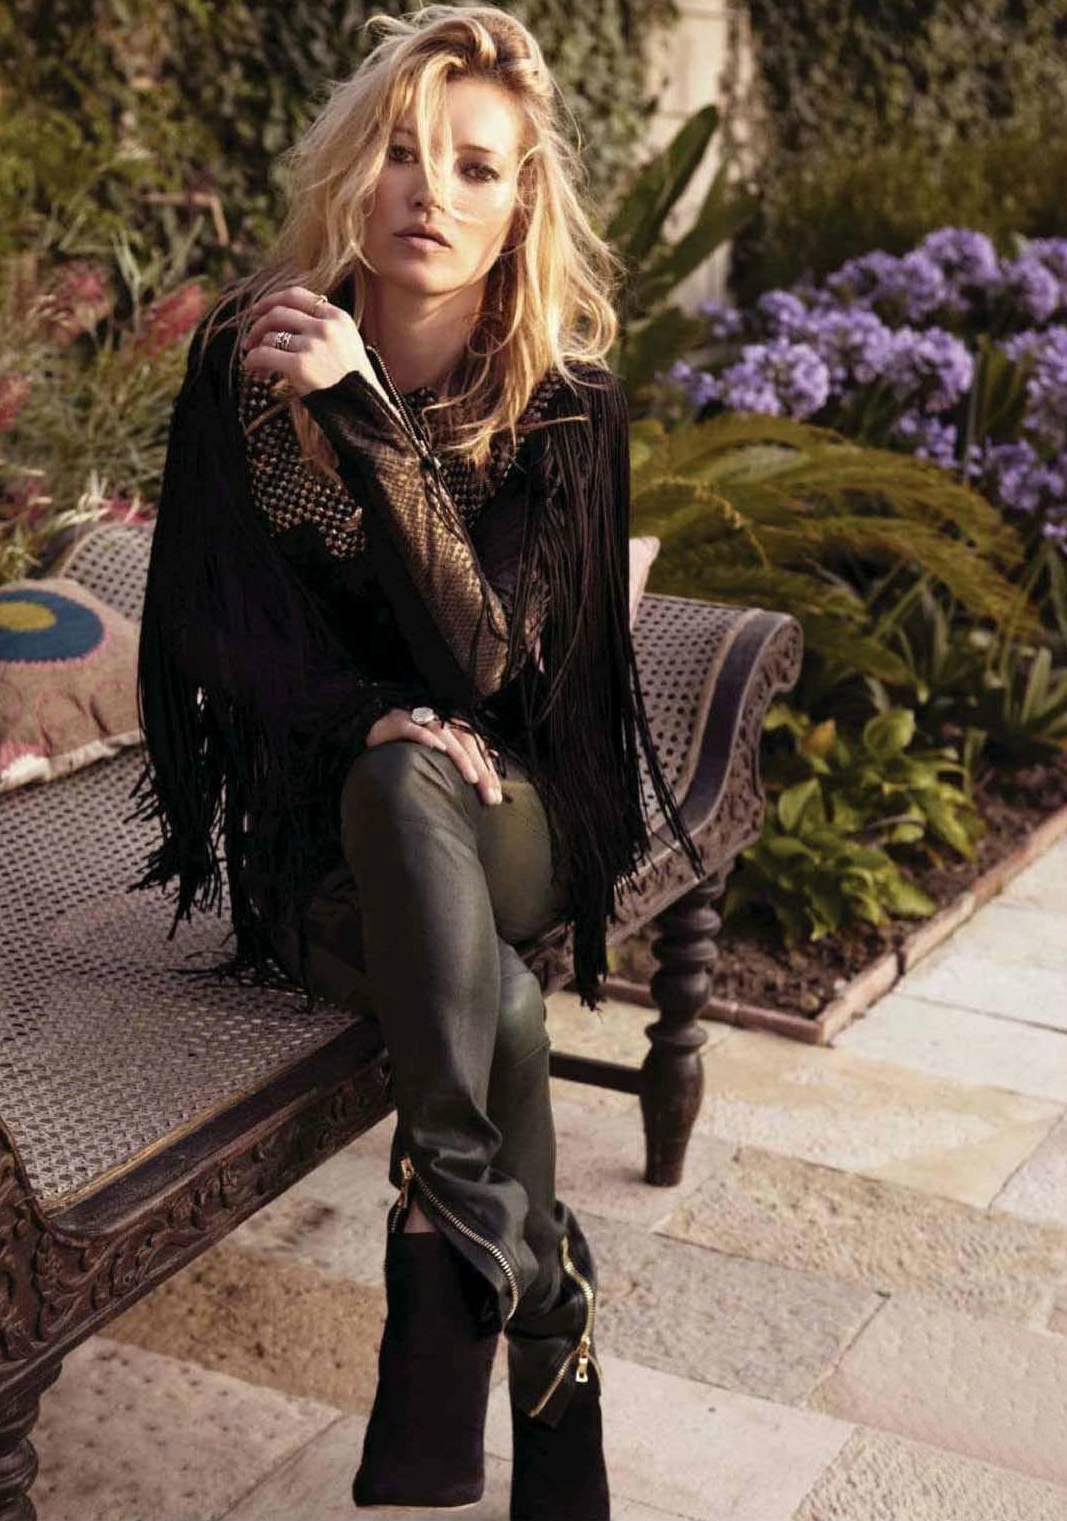 http://3.bp.blogspot.com/-UEpTzxrHXKM/UIeVn1wHJWI/AAAAAAAAK-U/tCLY0V-7o9c/s1600/Kate+Moss+for+Elle+Spain+November+2012+003.jpg